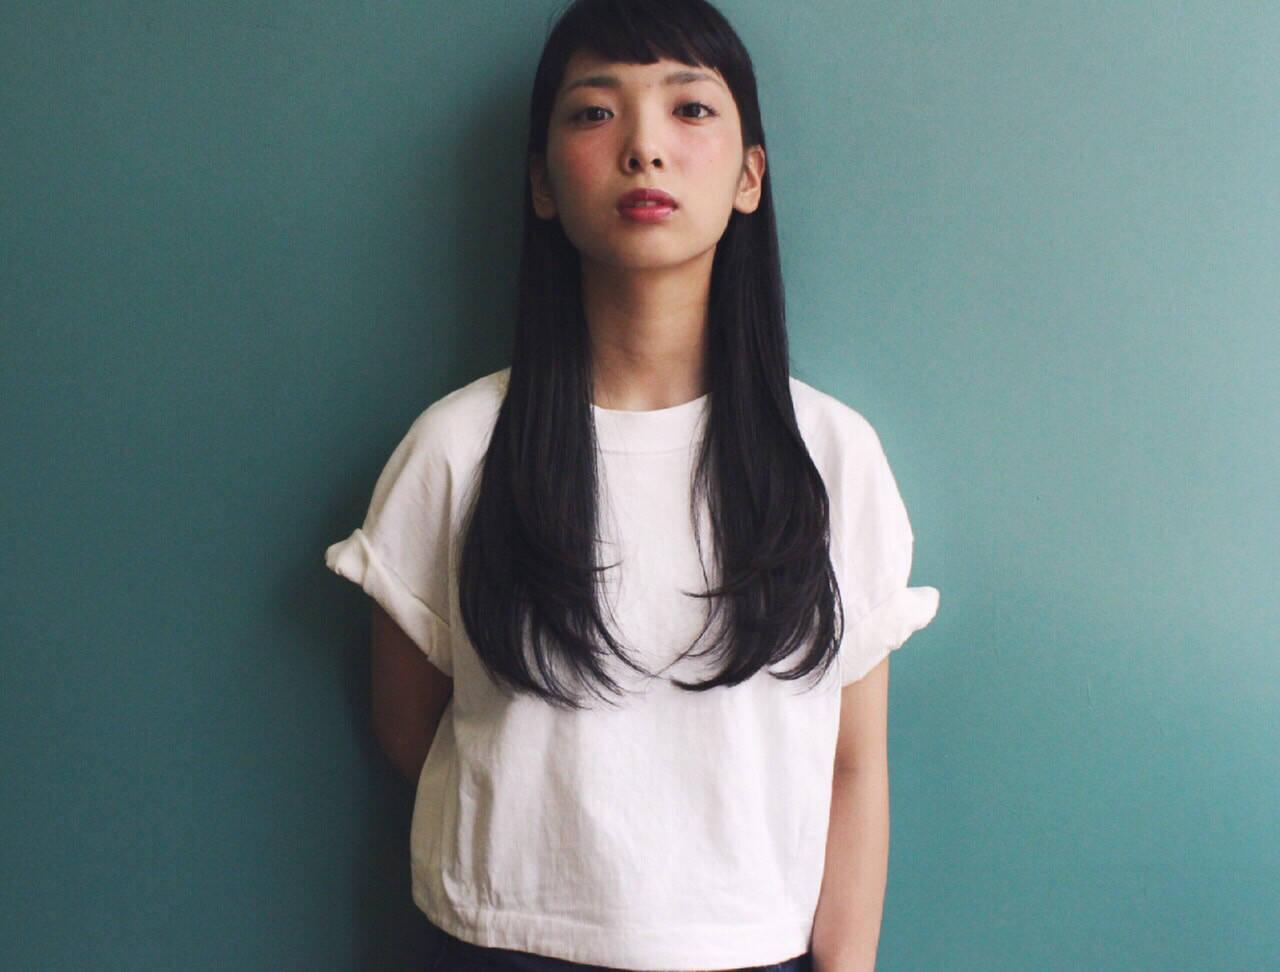 ナチュラル 黒髪 ストレート ロングヘアスタイルや髪型の写真・画像